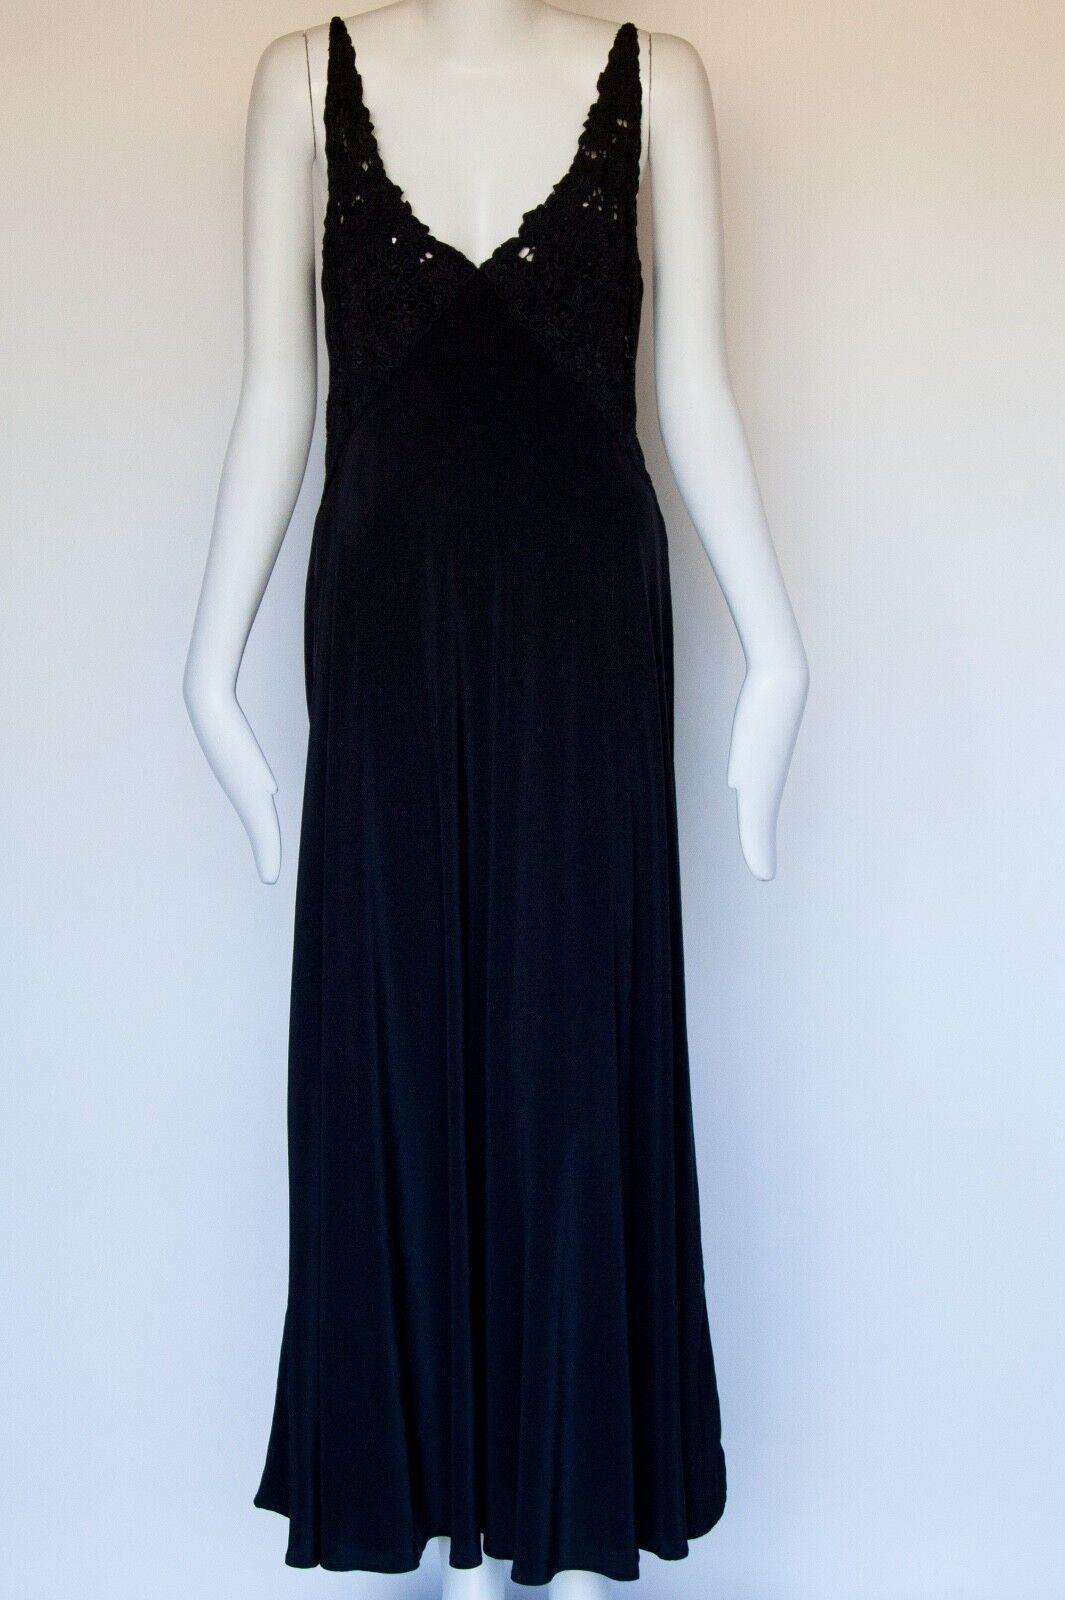 Nicole Farhi Couture Haut Dentelle Soie schwarze Midi robe. Neuf sans Original balises. Sz 4